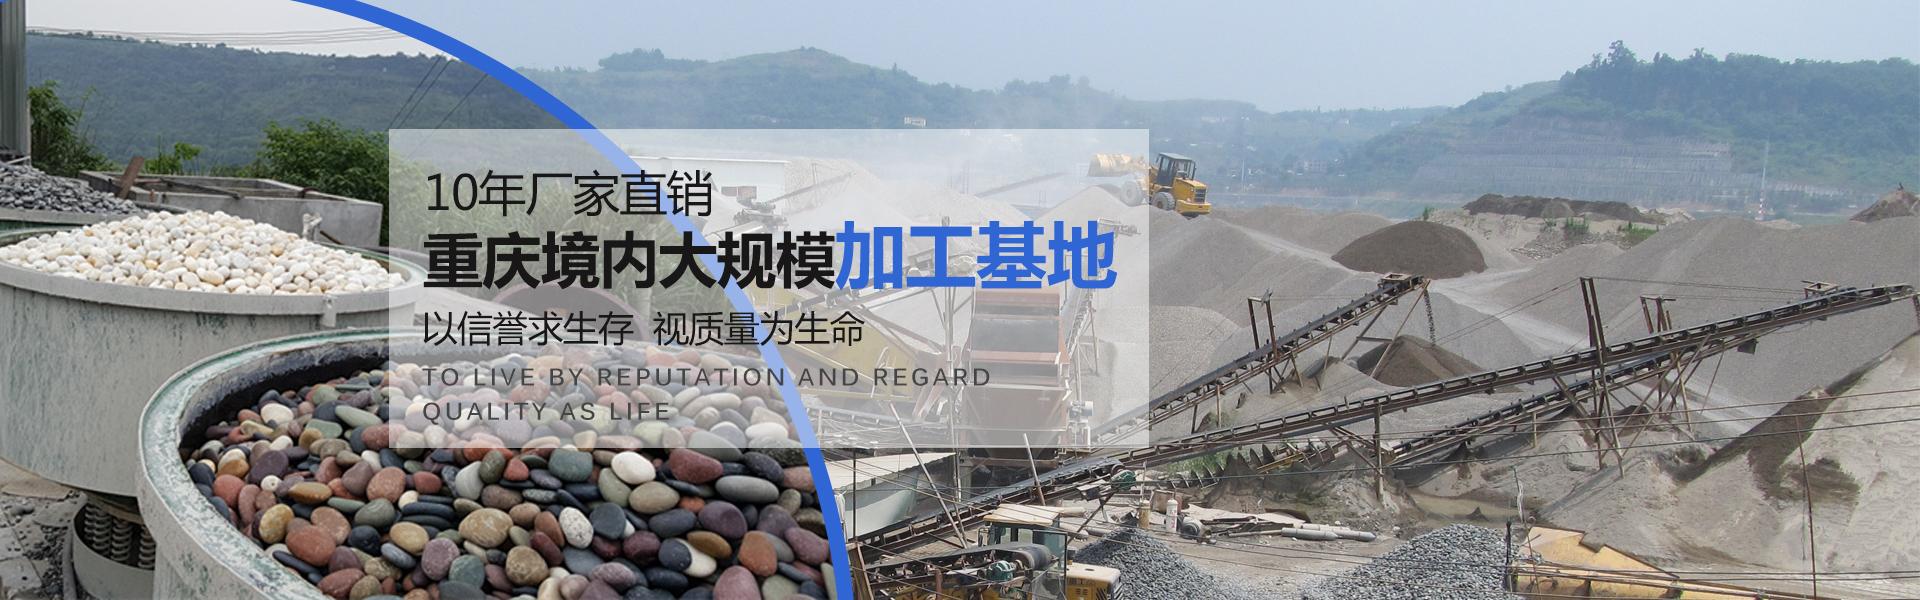 十年厂家直销重庆境内大规模加工基地以信誉求生存 视质量为生命!